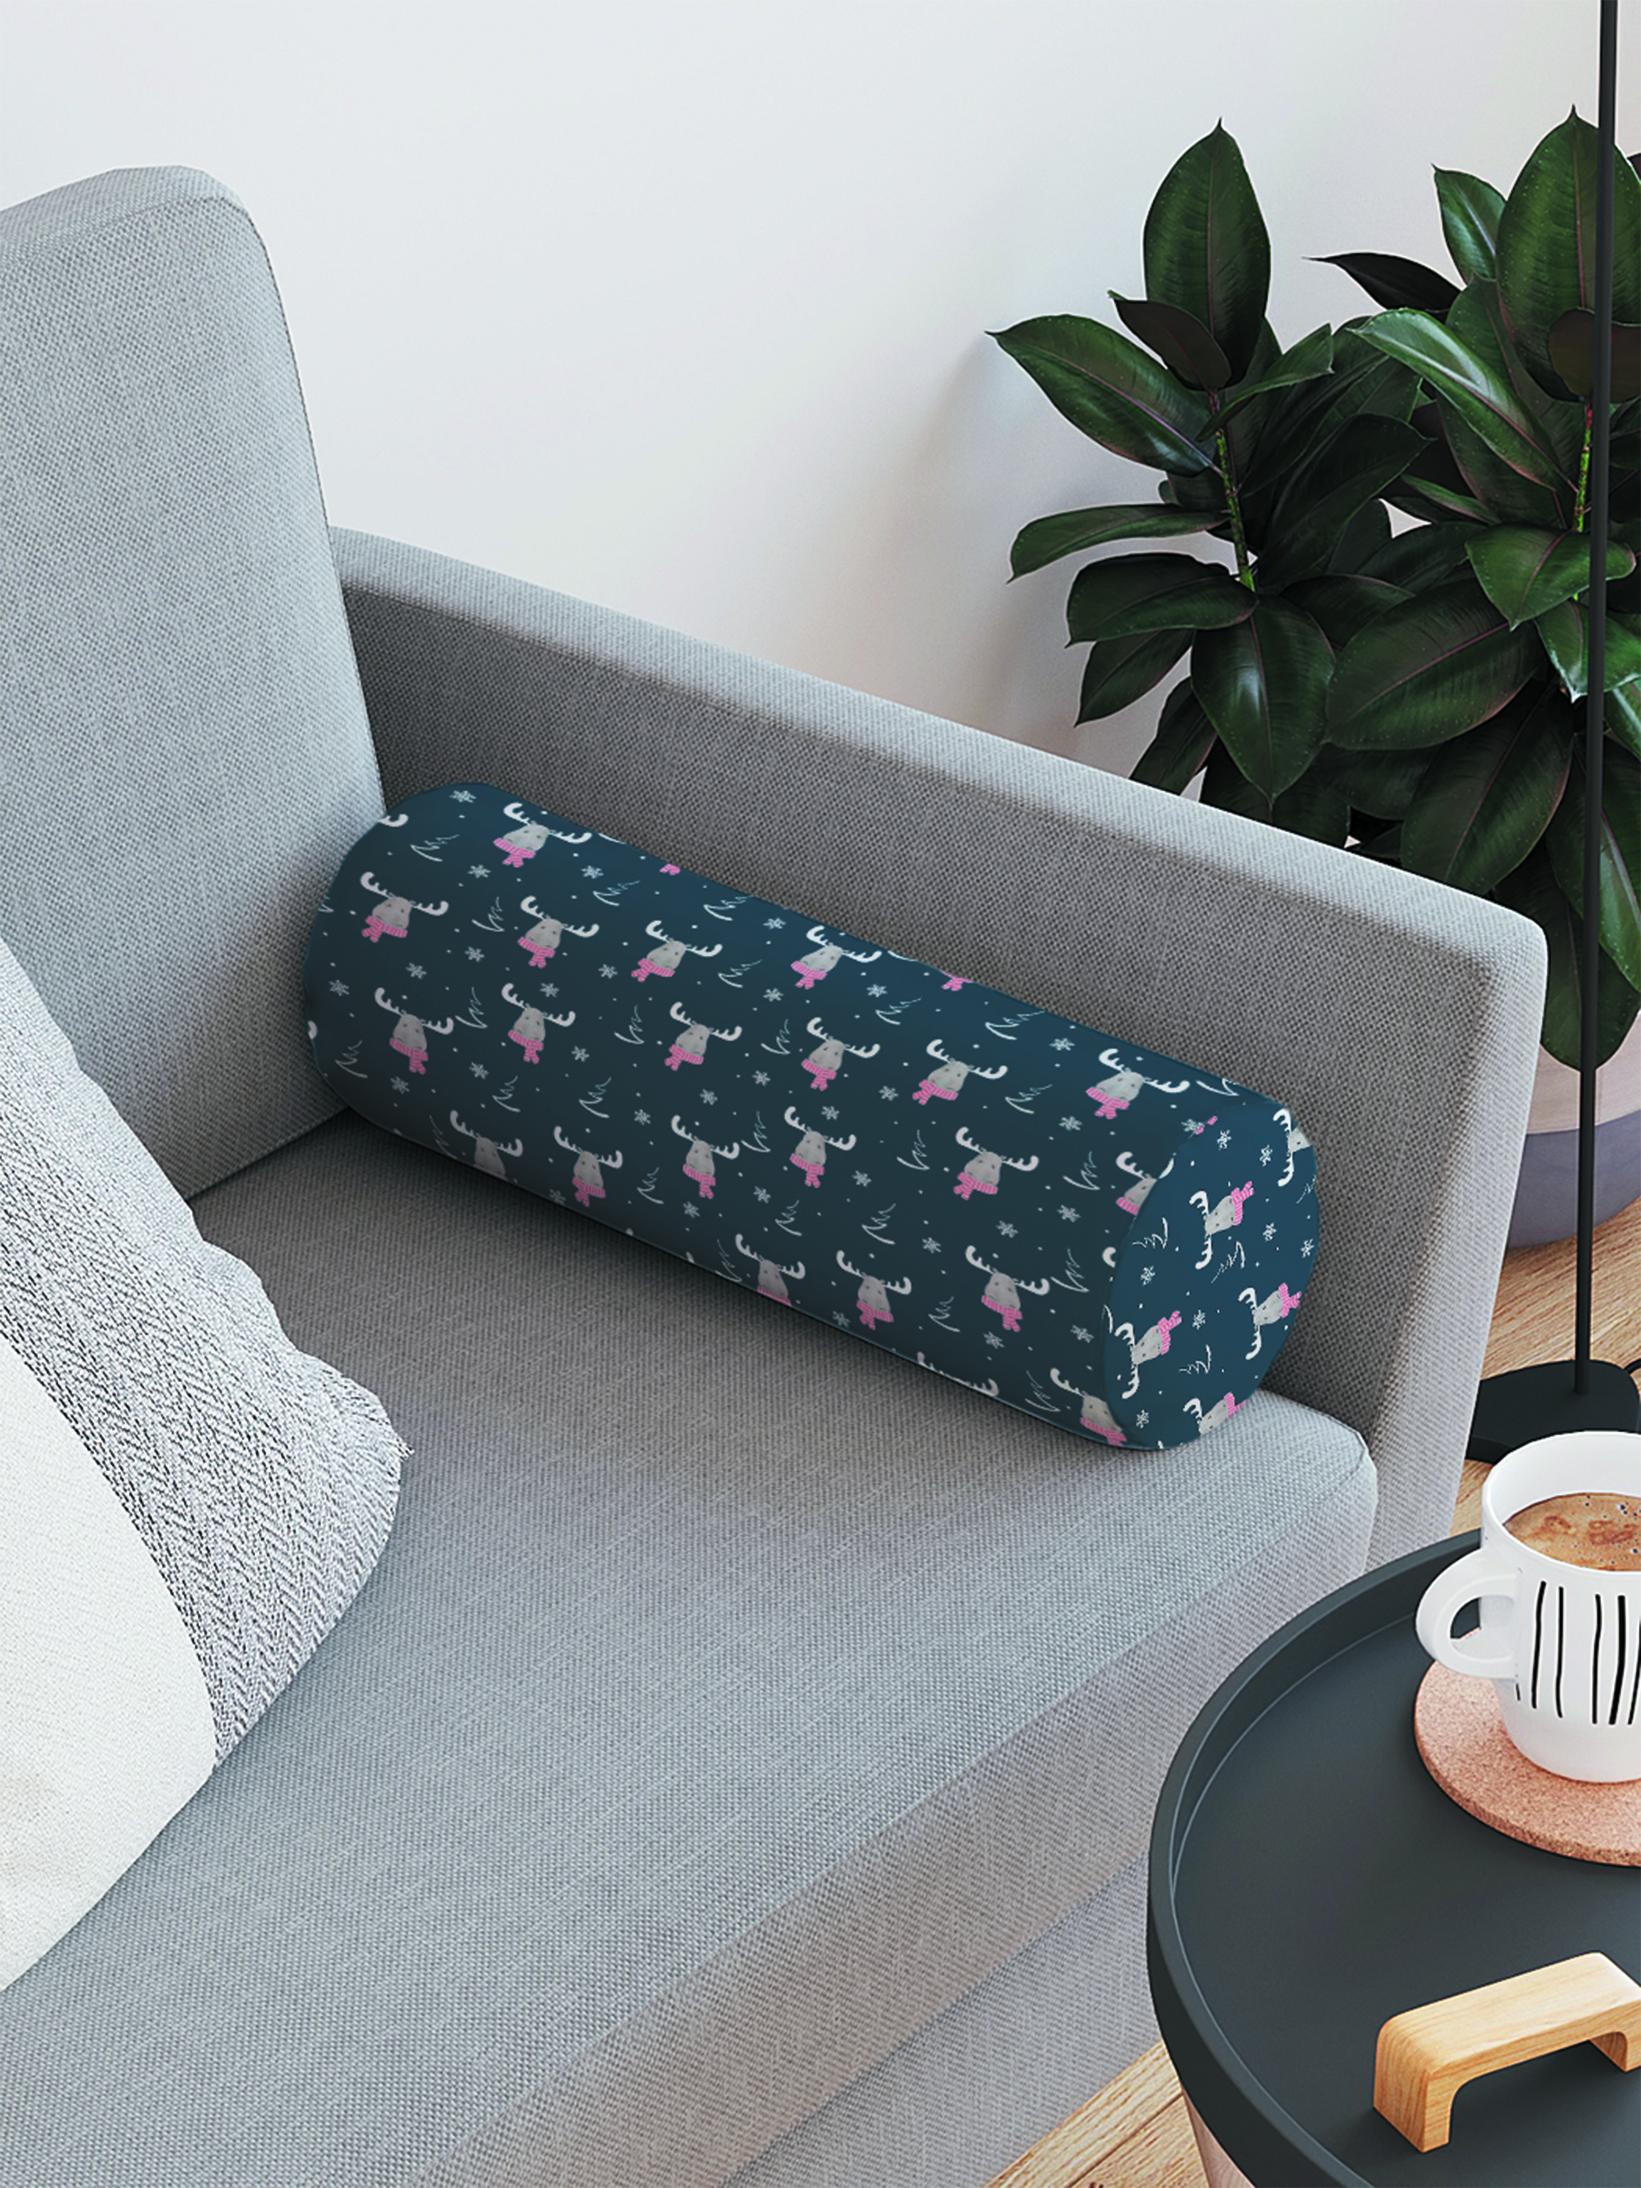 JoyArty Декоративная подушка-валик «Модный лось» на молнии, 45 см, диаметр 16 см